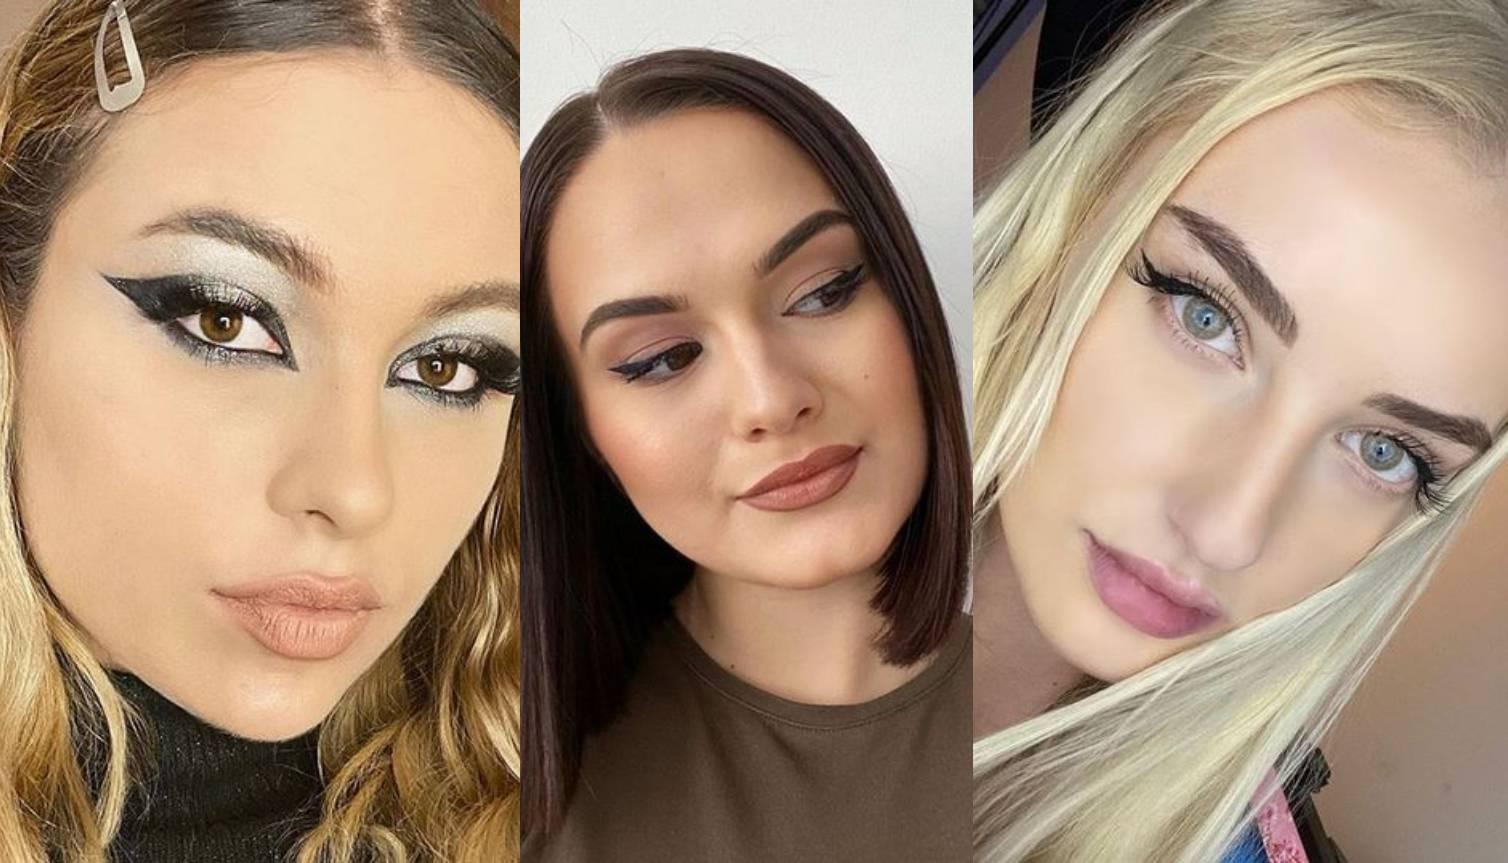 Svestrani beauty alat: Tuš za oči u 10 super atraktivnih varijanti